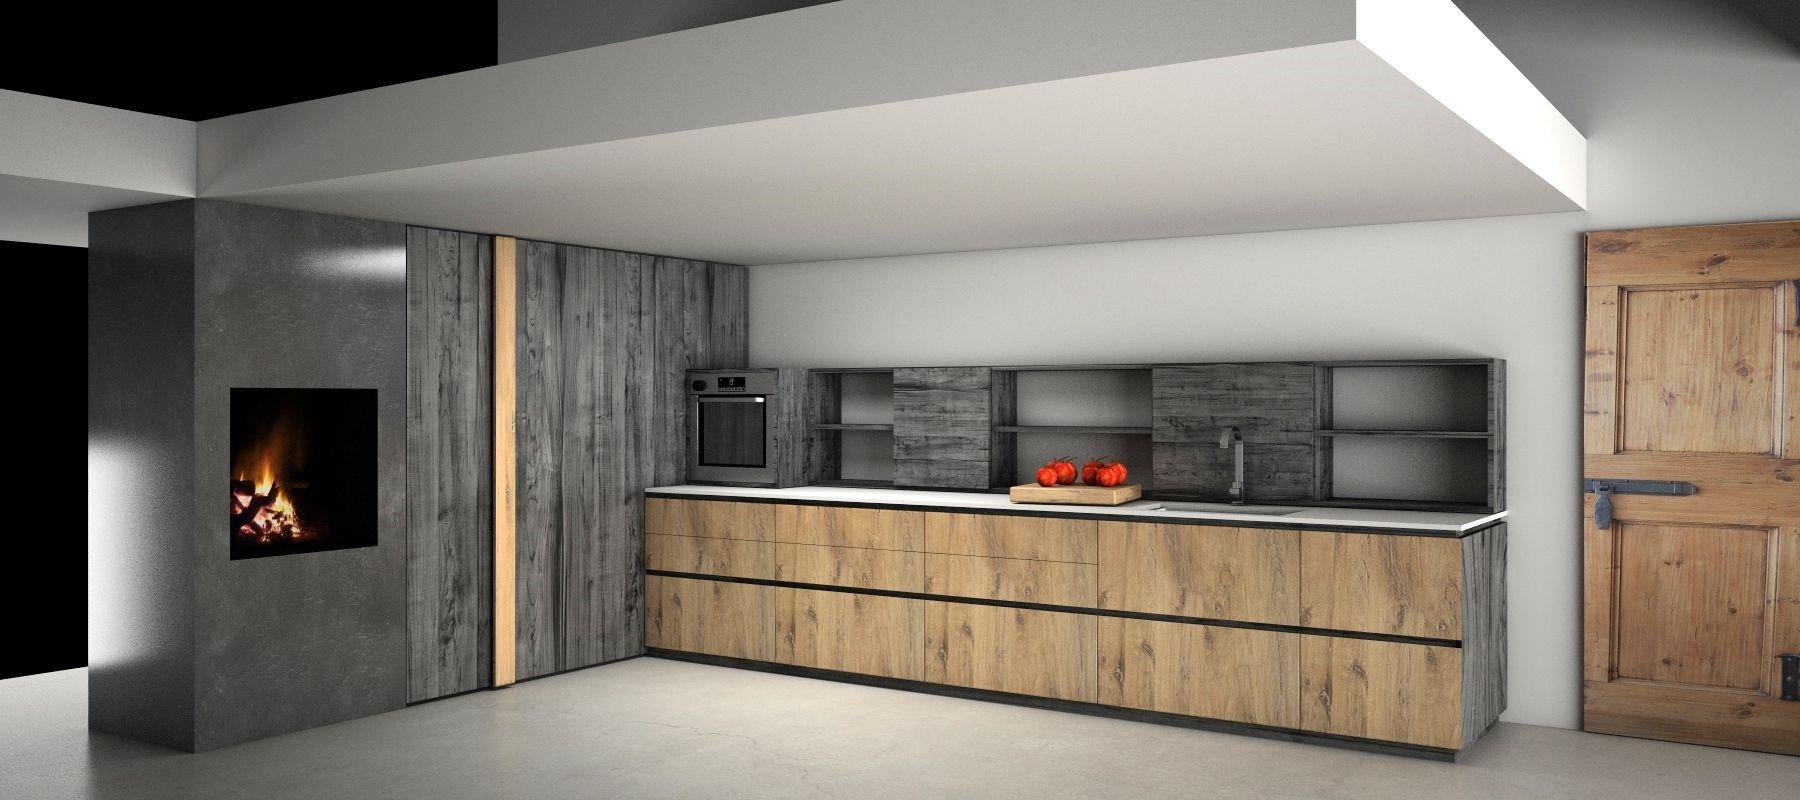 Accostamenti In Cucina pin su cucine casale l'aquila